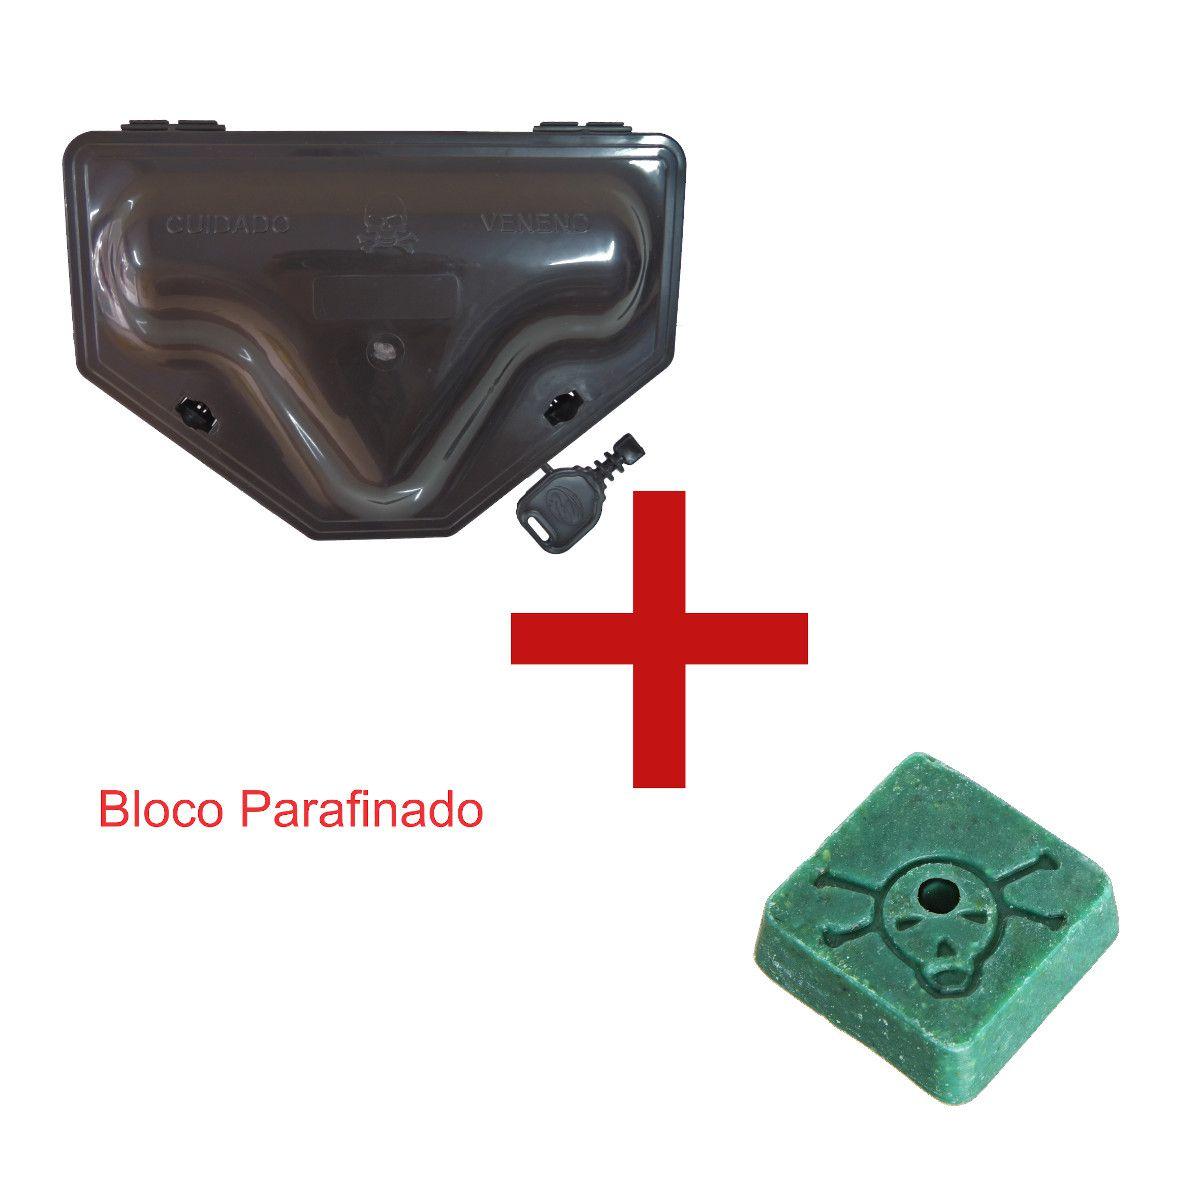 70 Porta Iscas C/ Duplo Travamento + 70 Bloco Parafinado